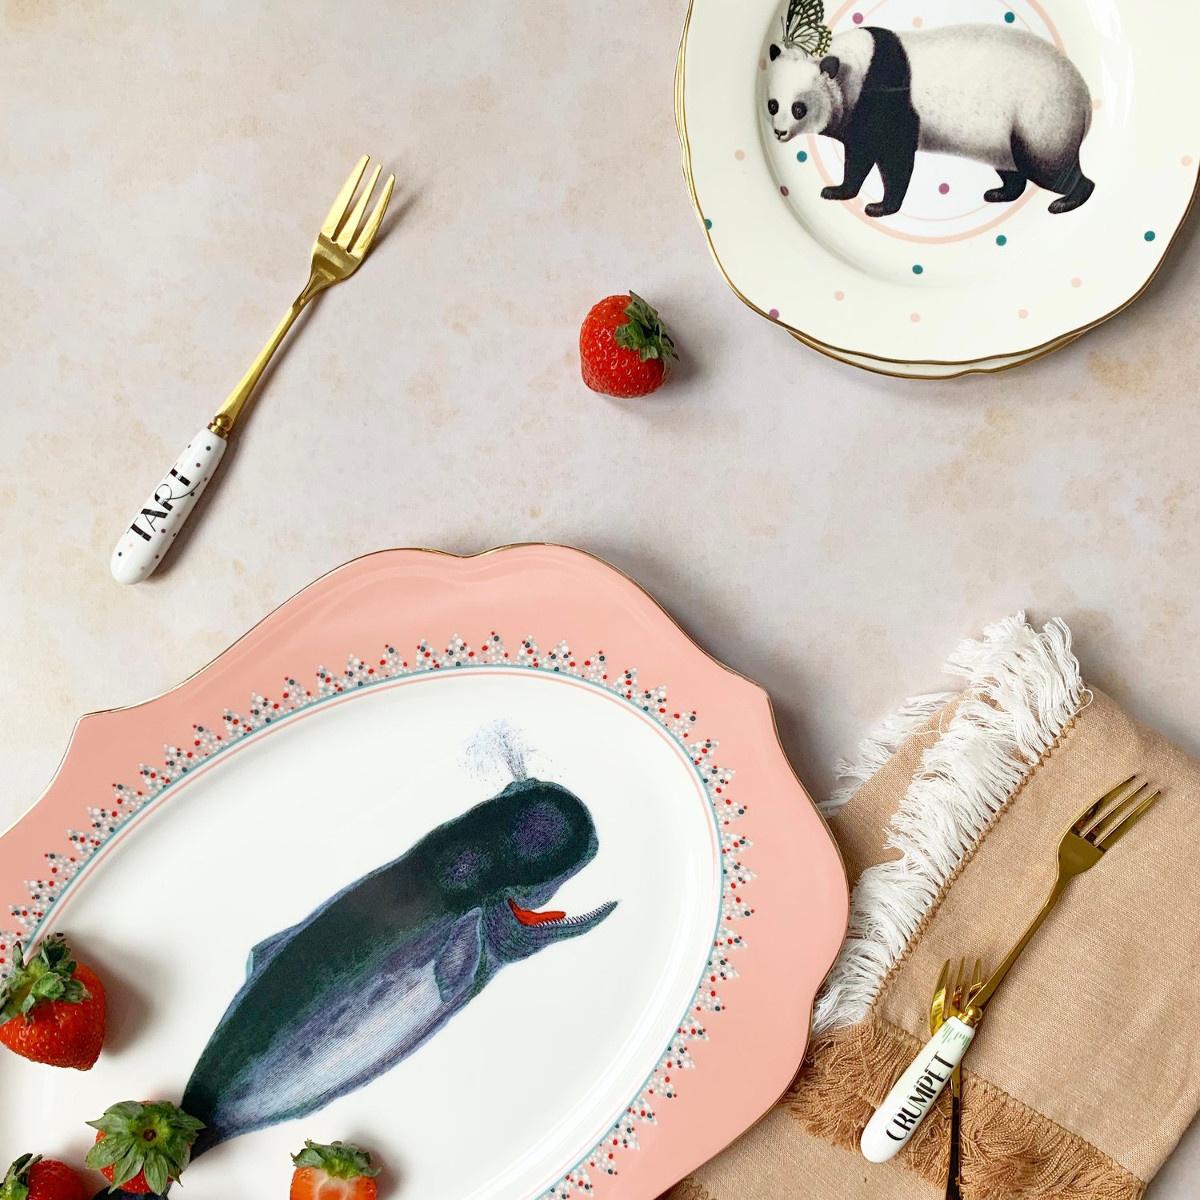 Yvonne Ellen London Yvonne Ellen - Carnival Animal  - Platter 36 cm- Whale - Bone China